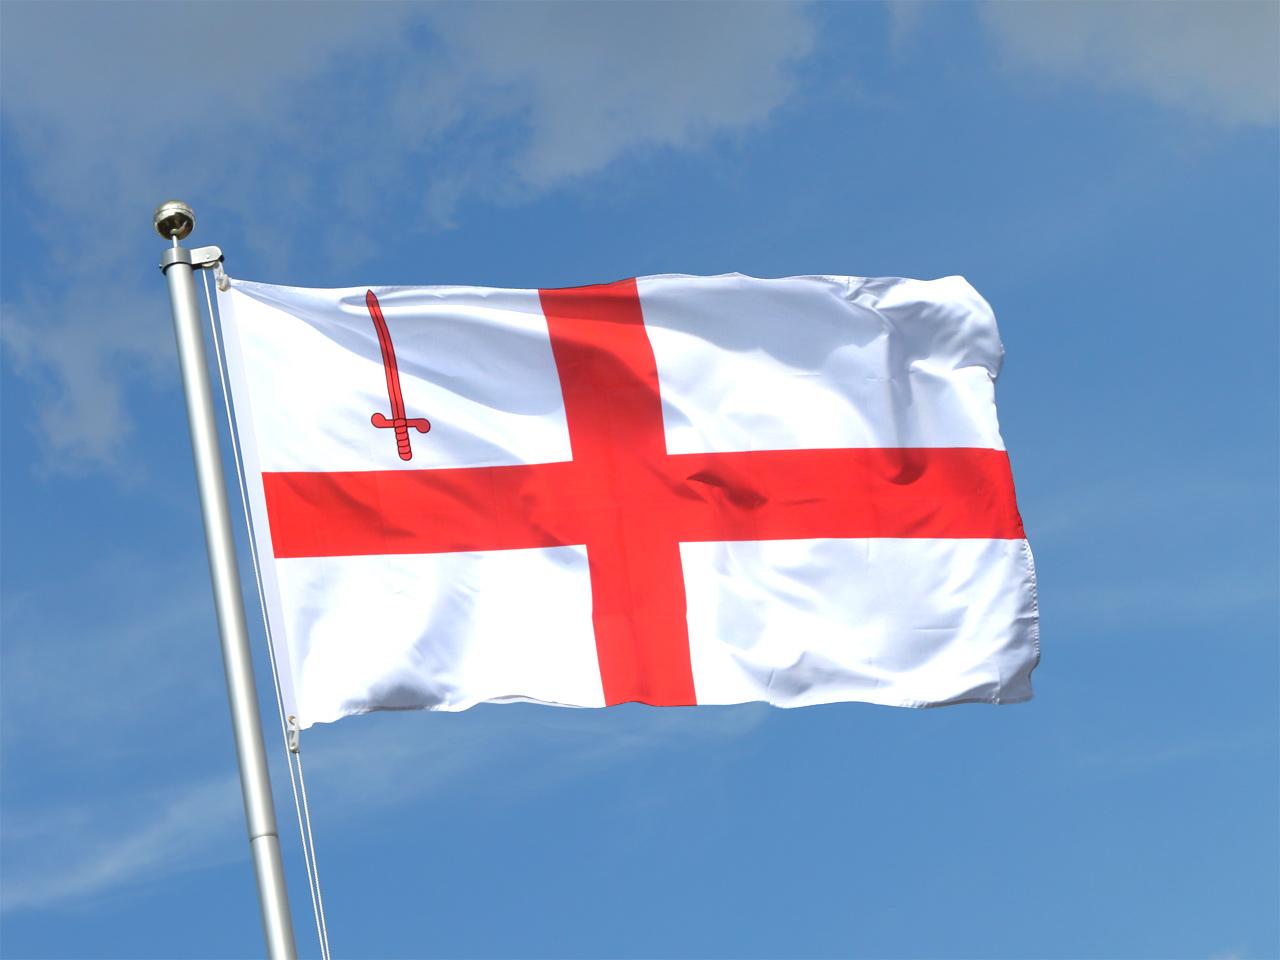 флаг лондона фото провод, который